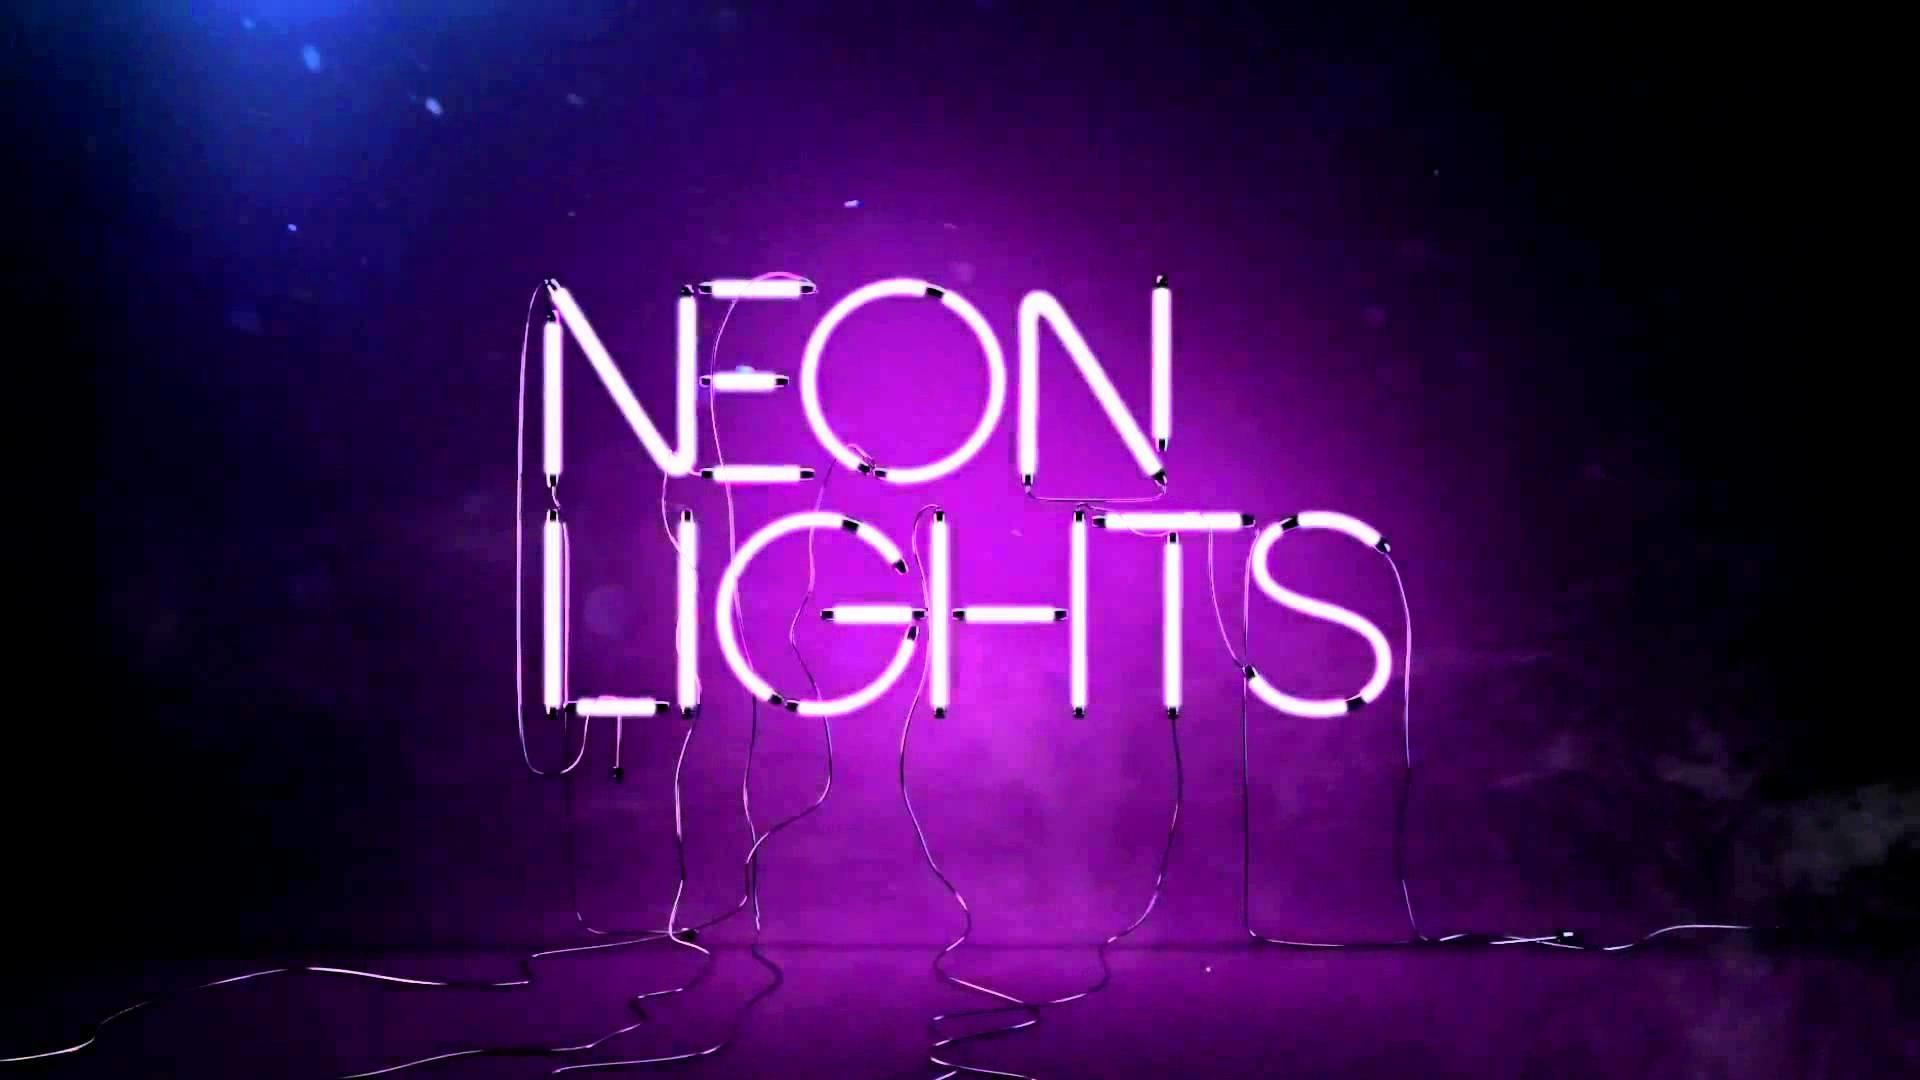 Res: 1920x1080, neon-lights-wide.jpg